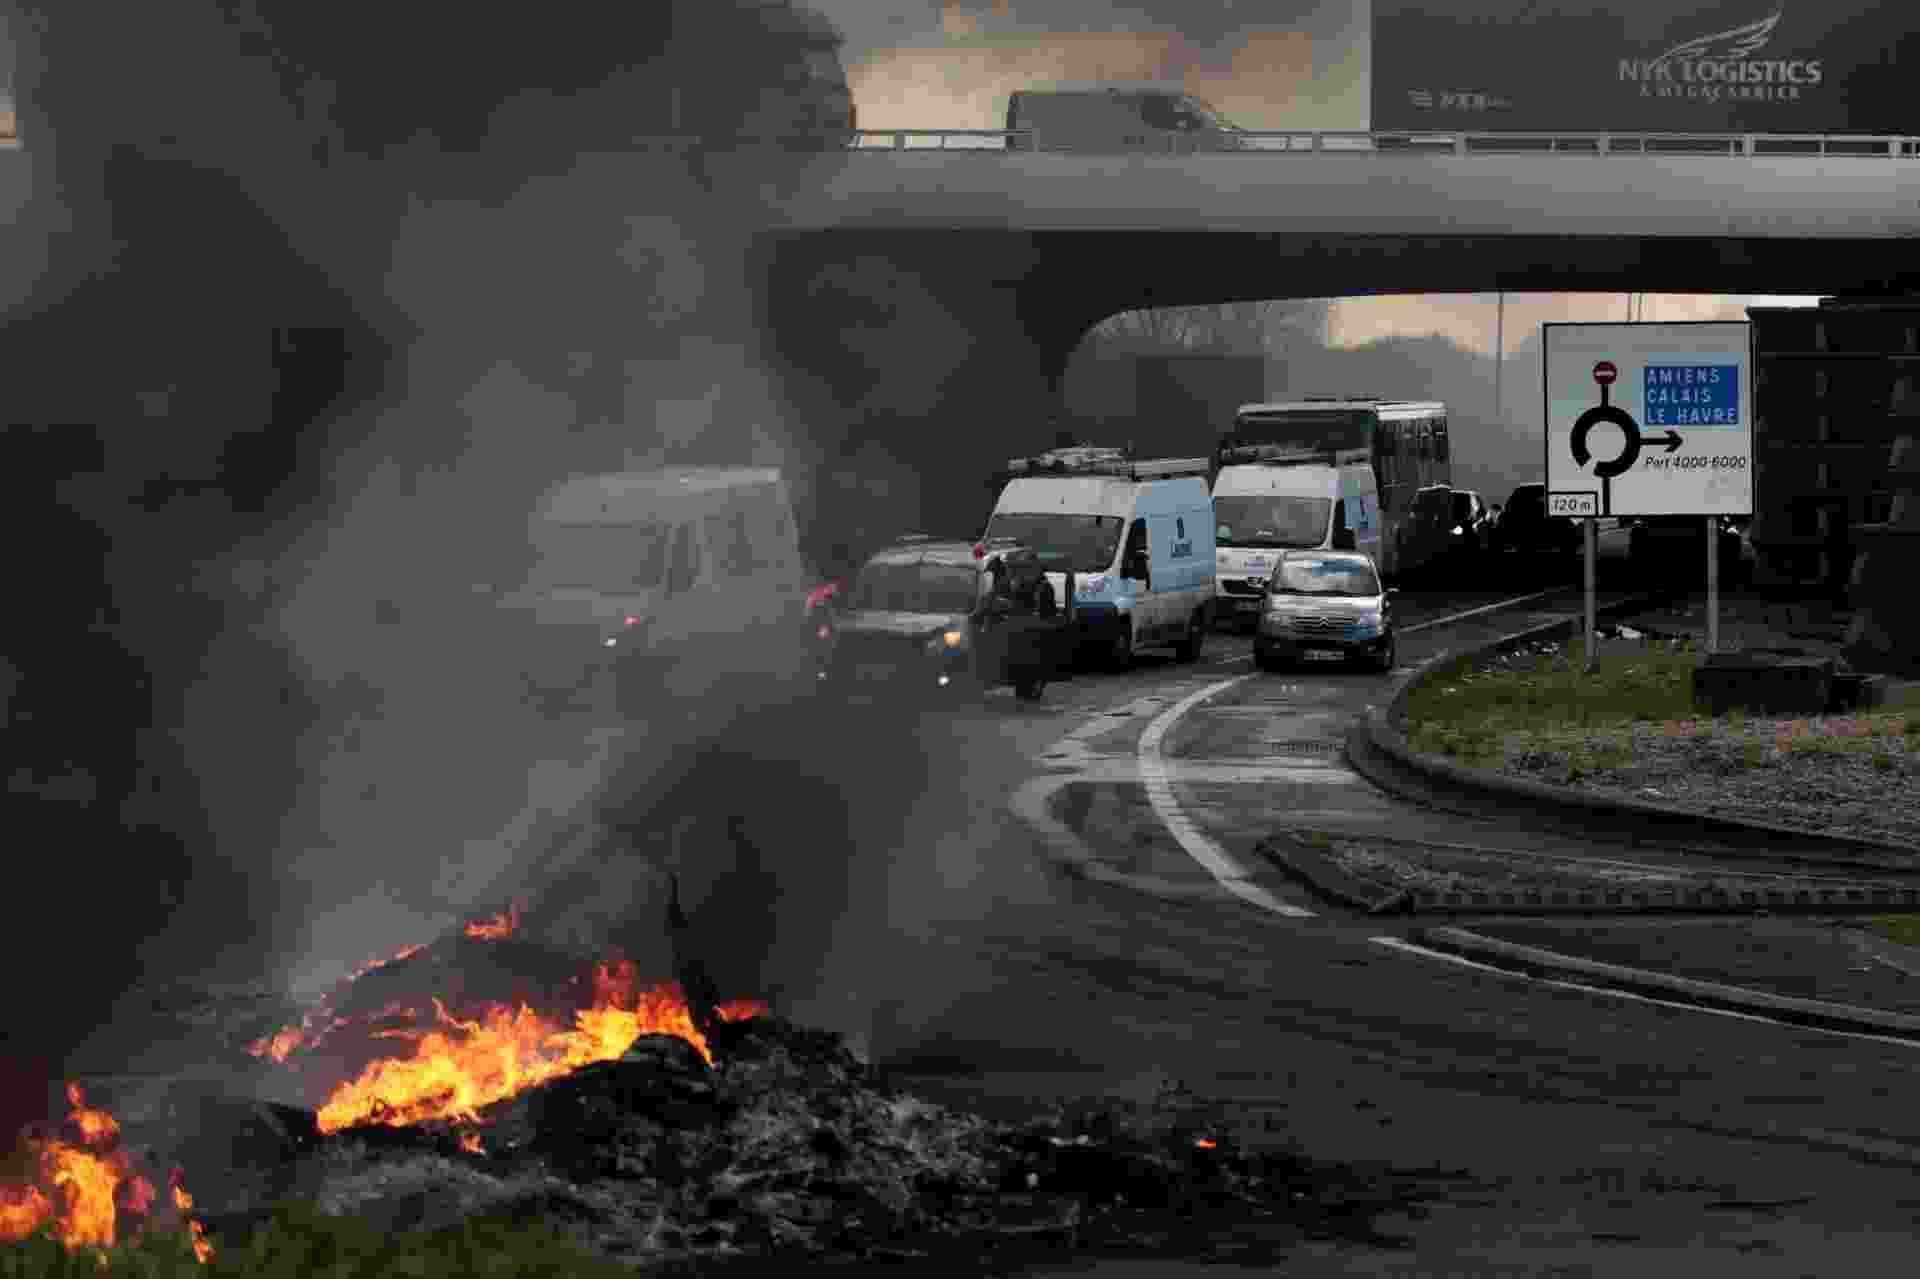 28.abr.2016 - Sindicalistas franceses fazem barricadas com fogueias em estrada em Le Havre, no noroeste do país. Os manifestantes, que protestam contra o projeto de reforma trabalhista proposta pelo governo de François Hollande, bloquearam estradas enquanto trabalhadores e estudantes fazem nova greve em diferentes cidades francesas - Charly Triballeau/AFP